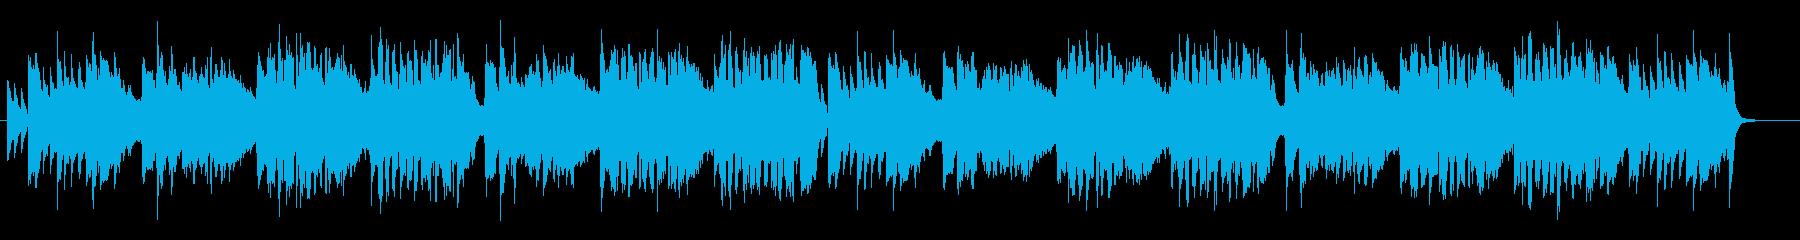 【童謡】かたつむり ピアノ 独唱の再生済みの波形